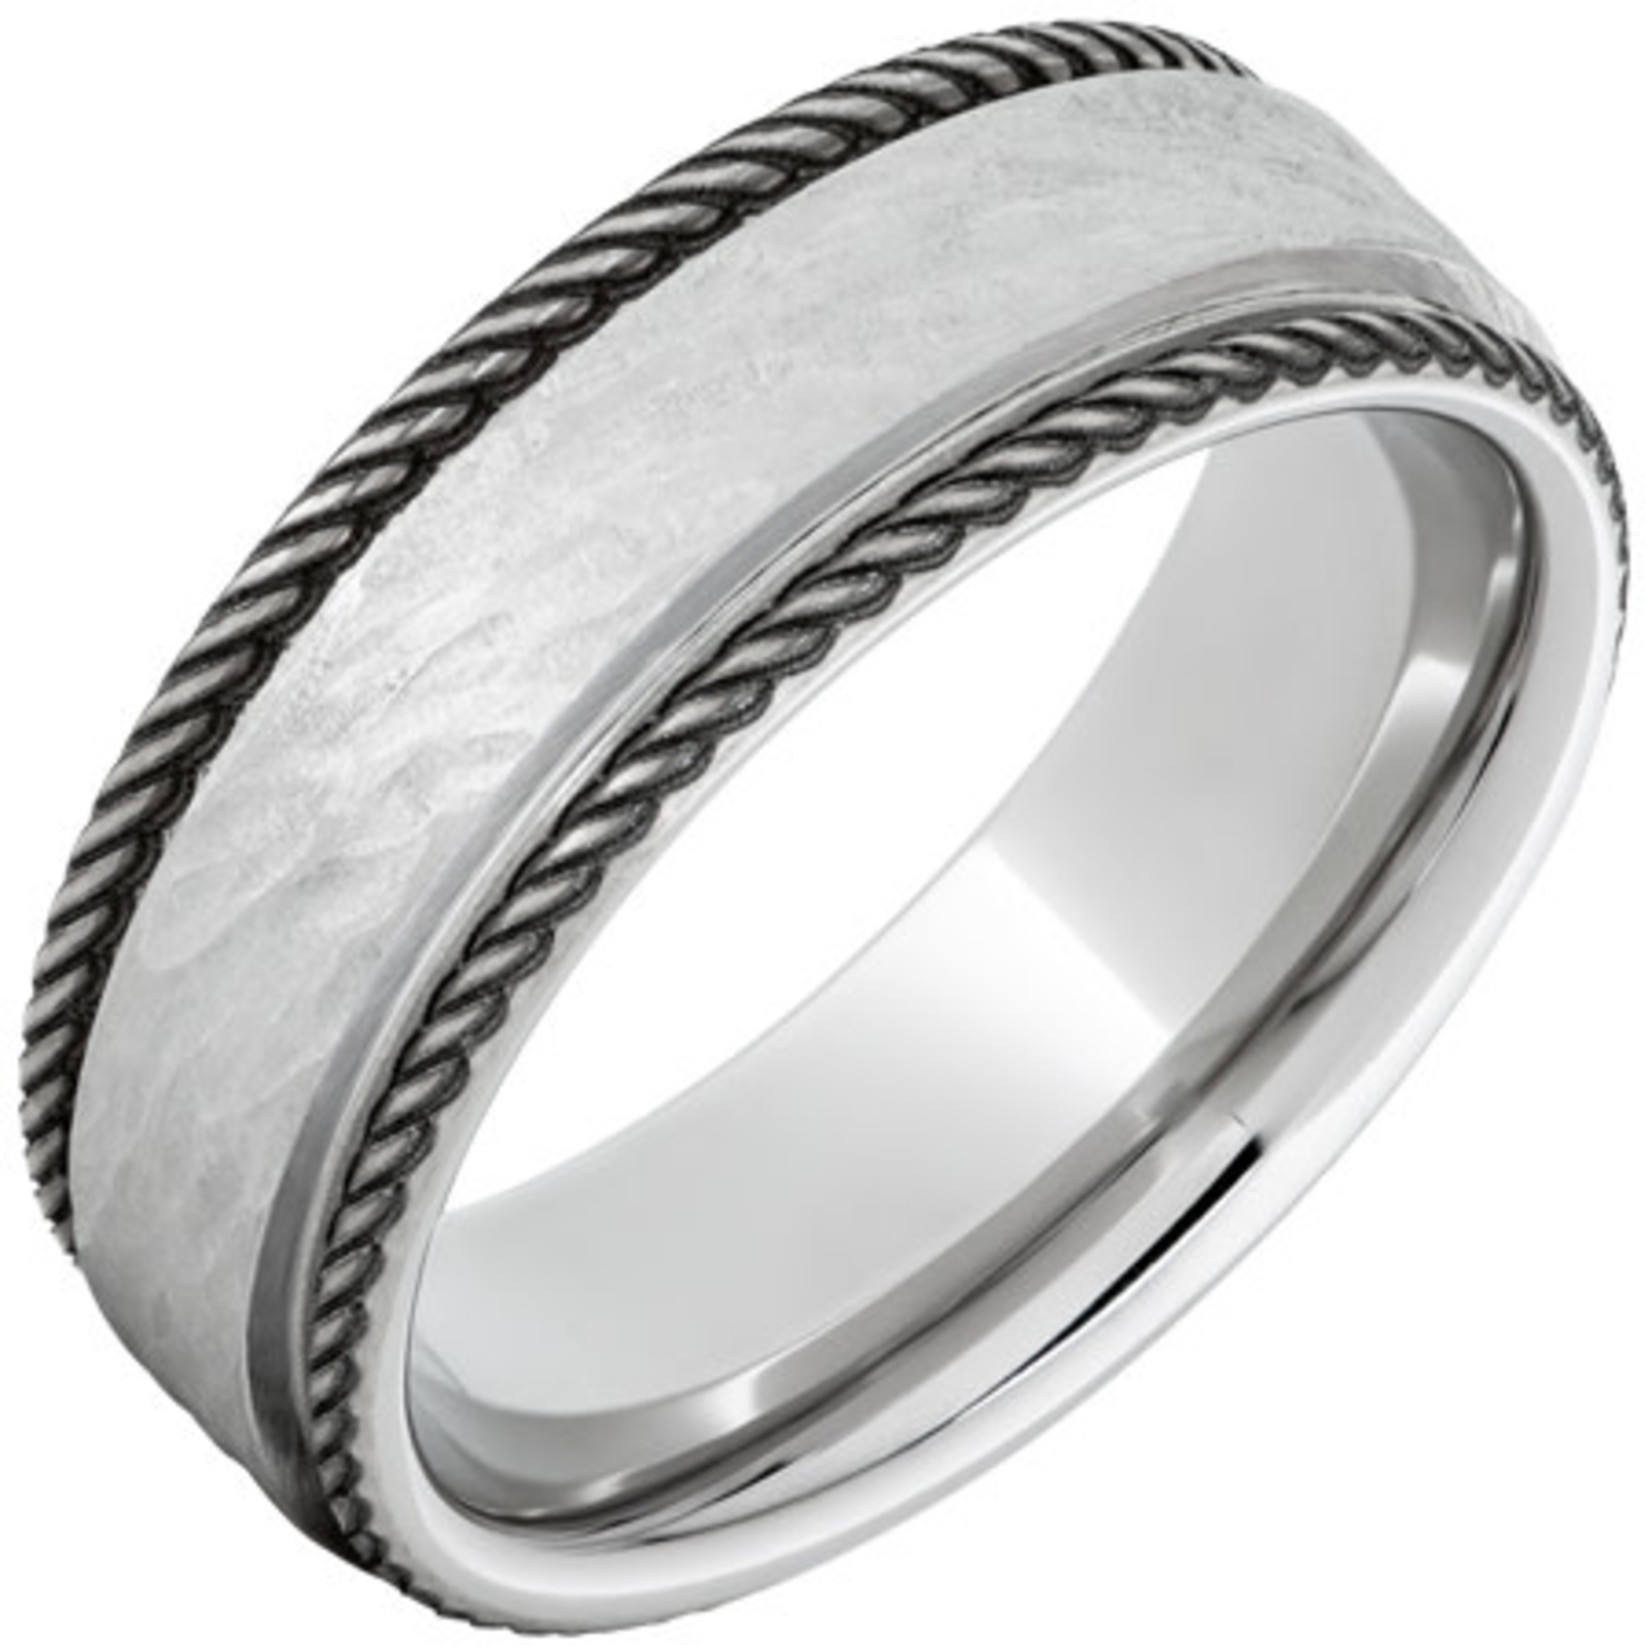 Serinium Wedding Bands Serinium® Flat Band with Rope-Style Rounded Edges and Bark Hand Finish